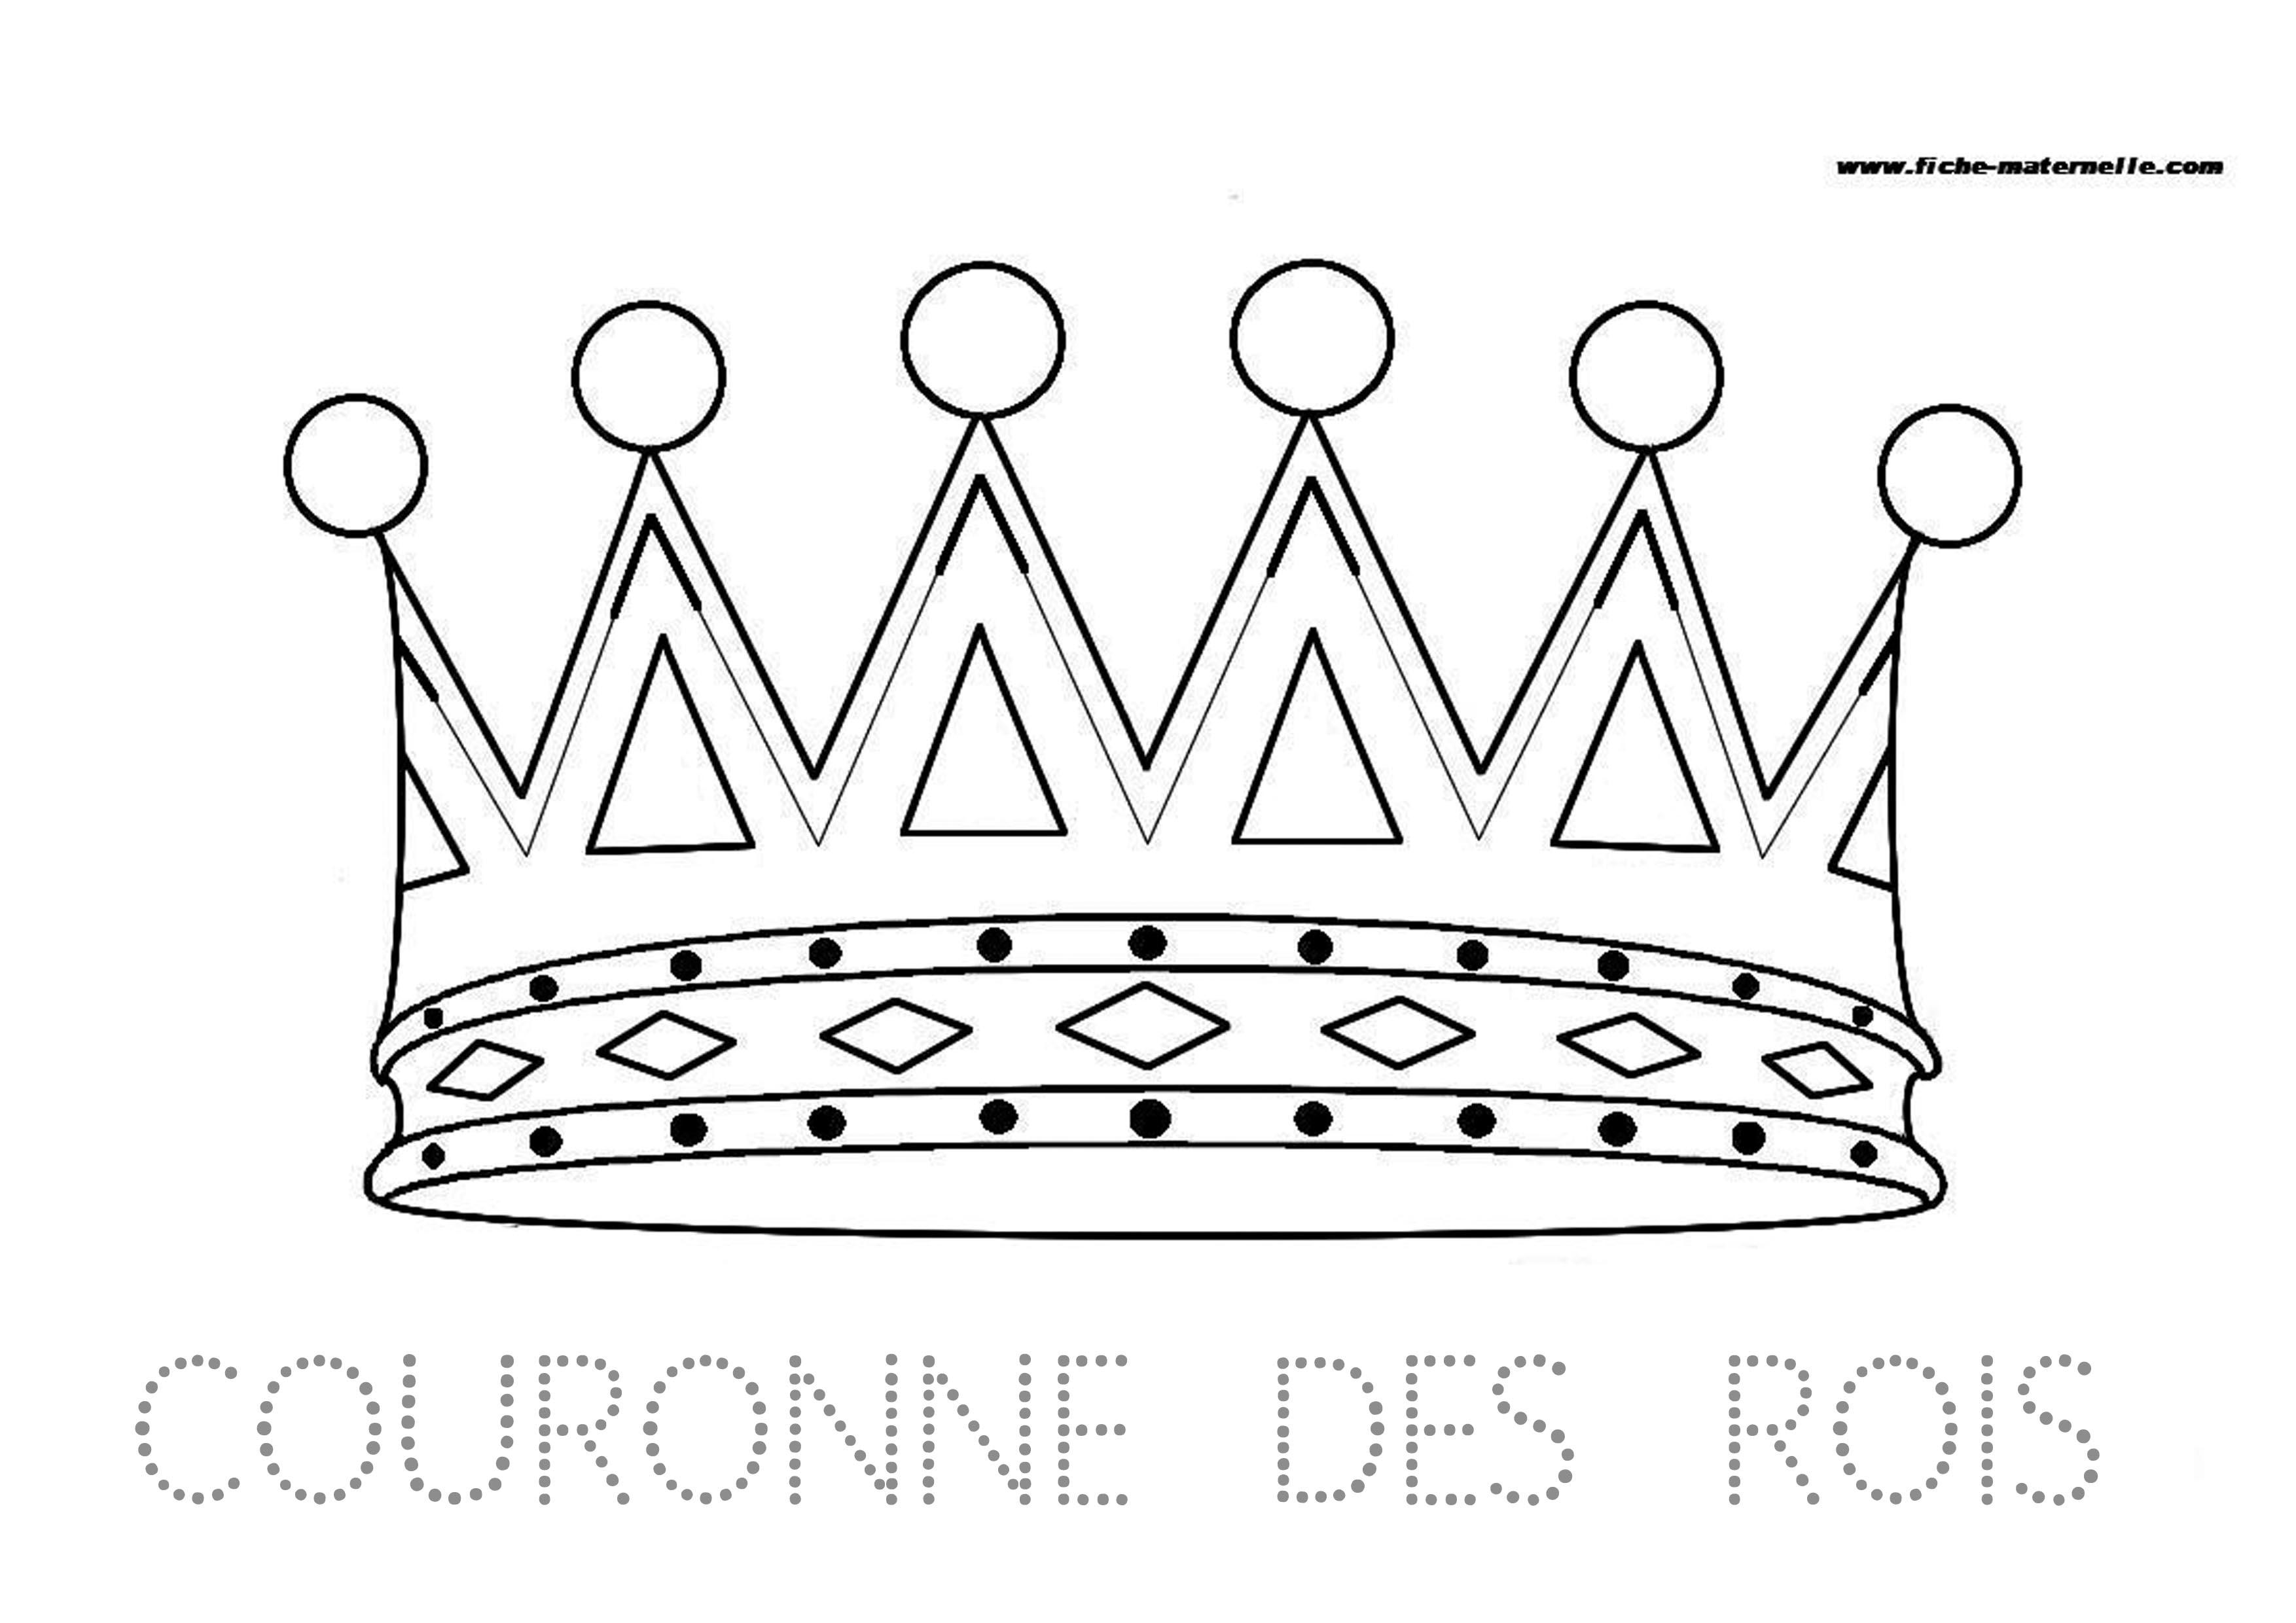 Site maternelle couronne des rois - Dessin sur galette des rois ...